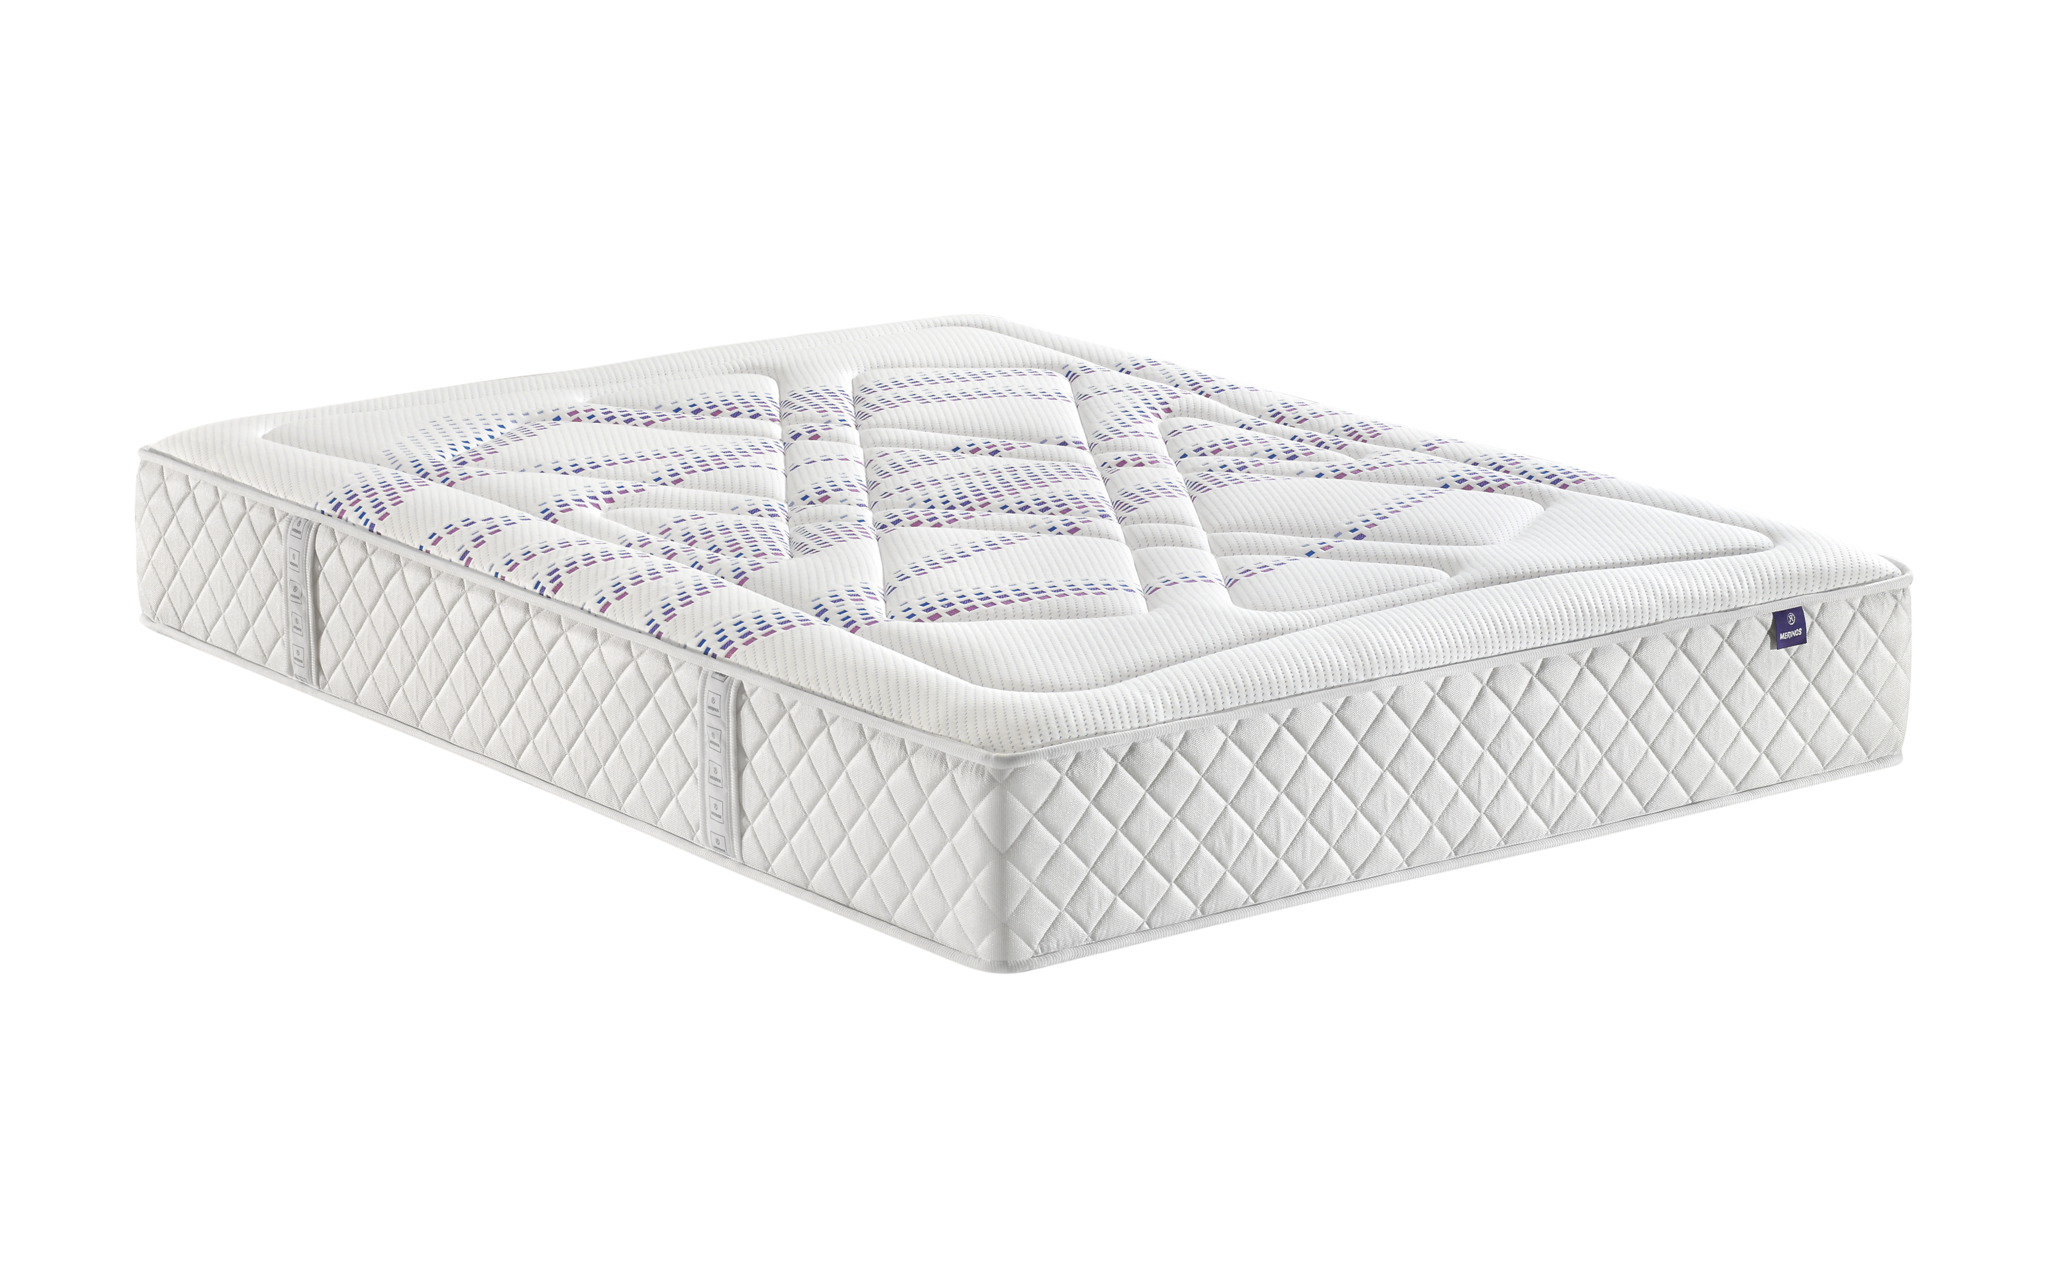 un bon matelas c 39 est essentiel pour bien dormir bient t un cadeau une parisienne vincennes. Black Bedroom Furniture Sets. Home Design Ideas